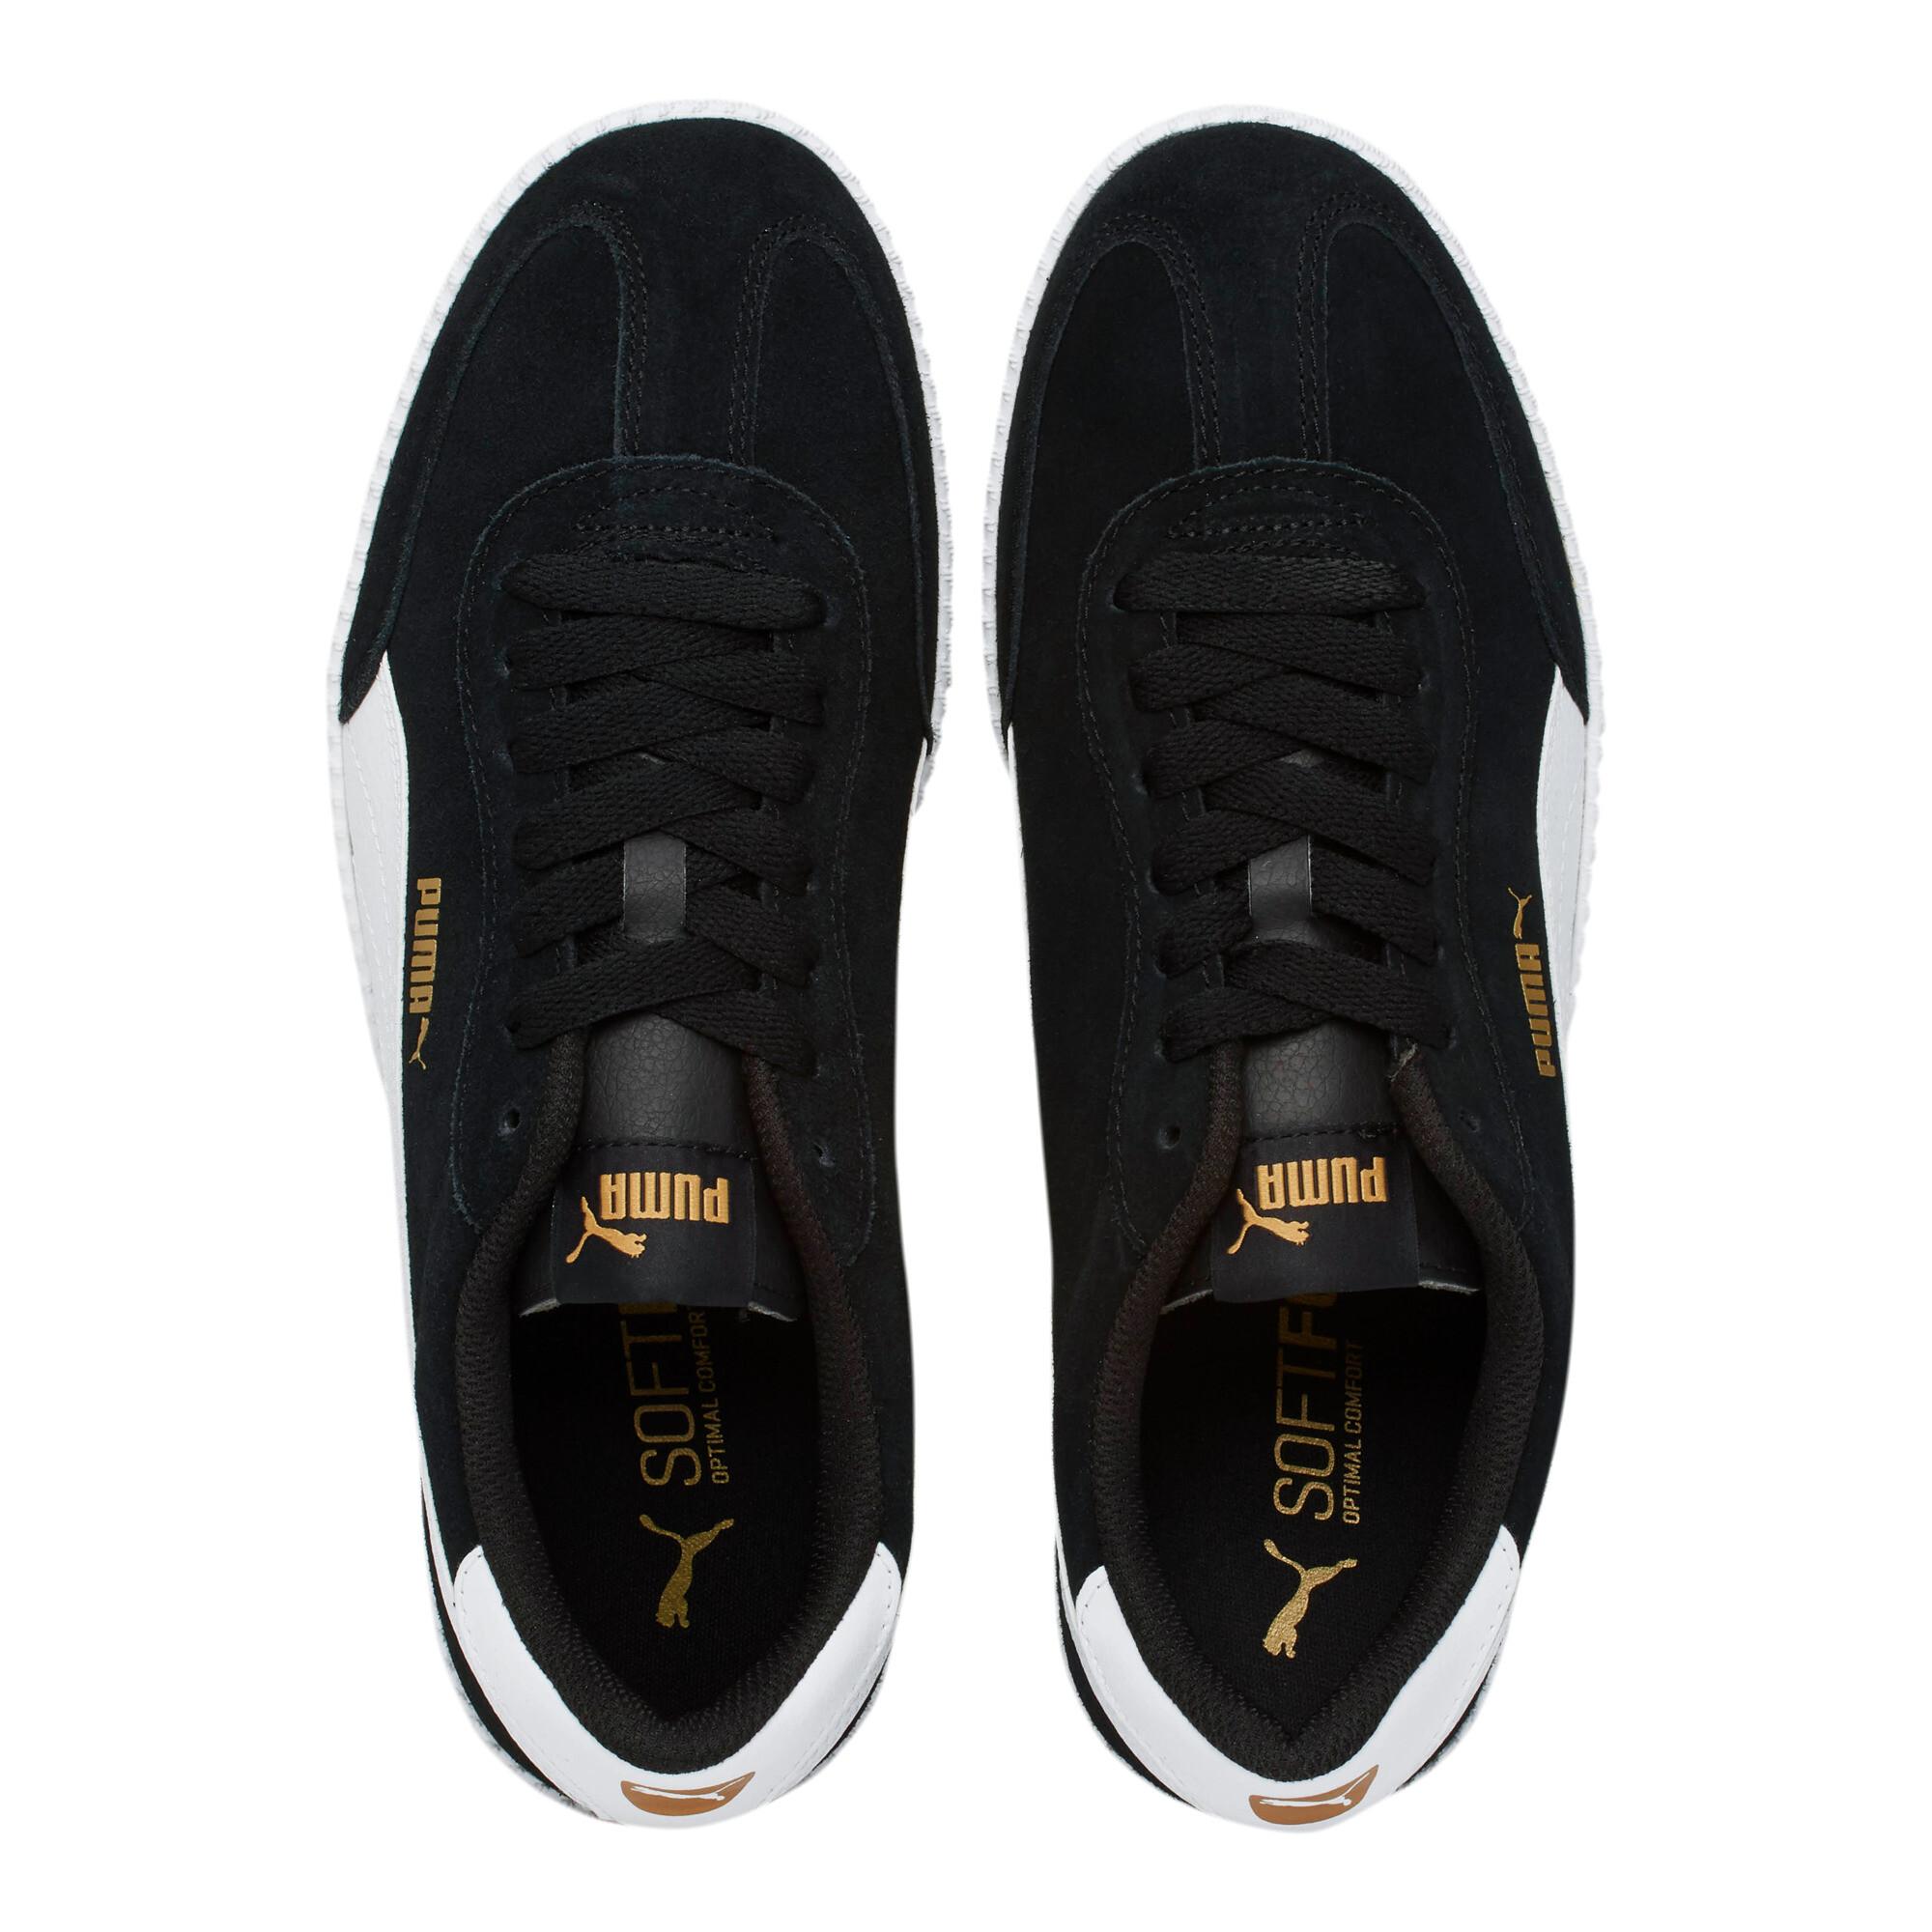 PUMA-Astro-Cup-Suede-Men-039-s-Sneakers-Men-Shoe-Basics thumbnail 12